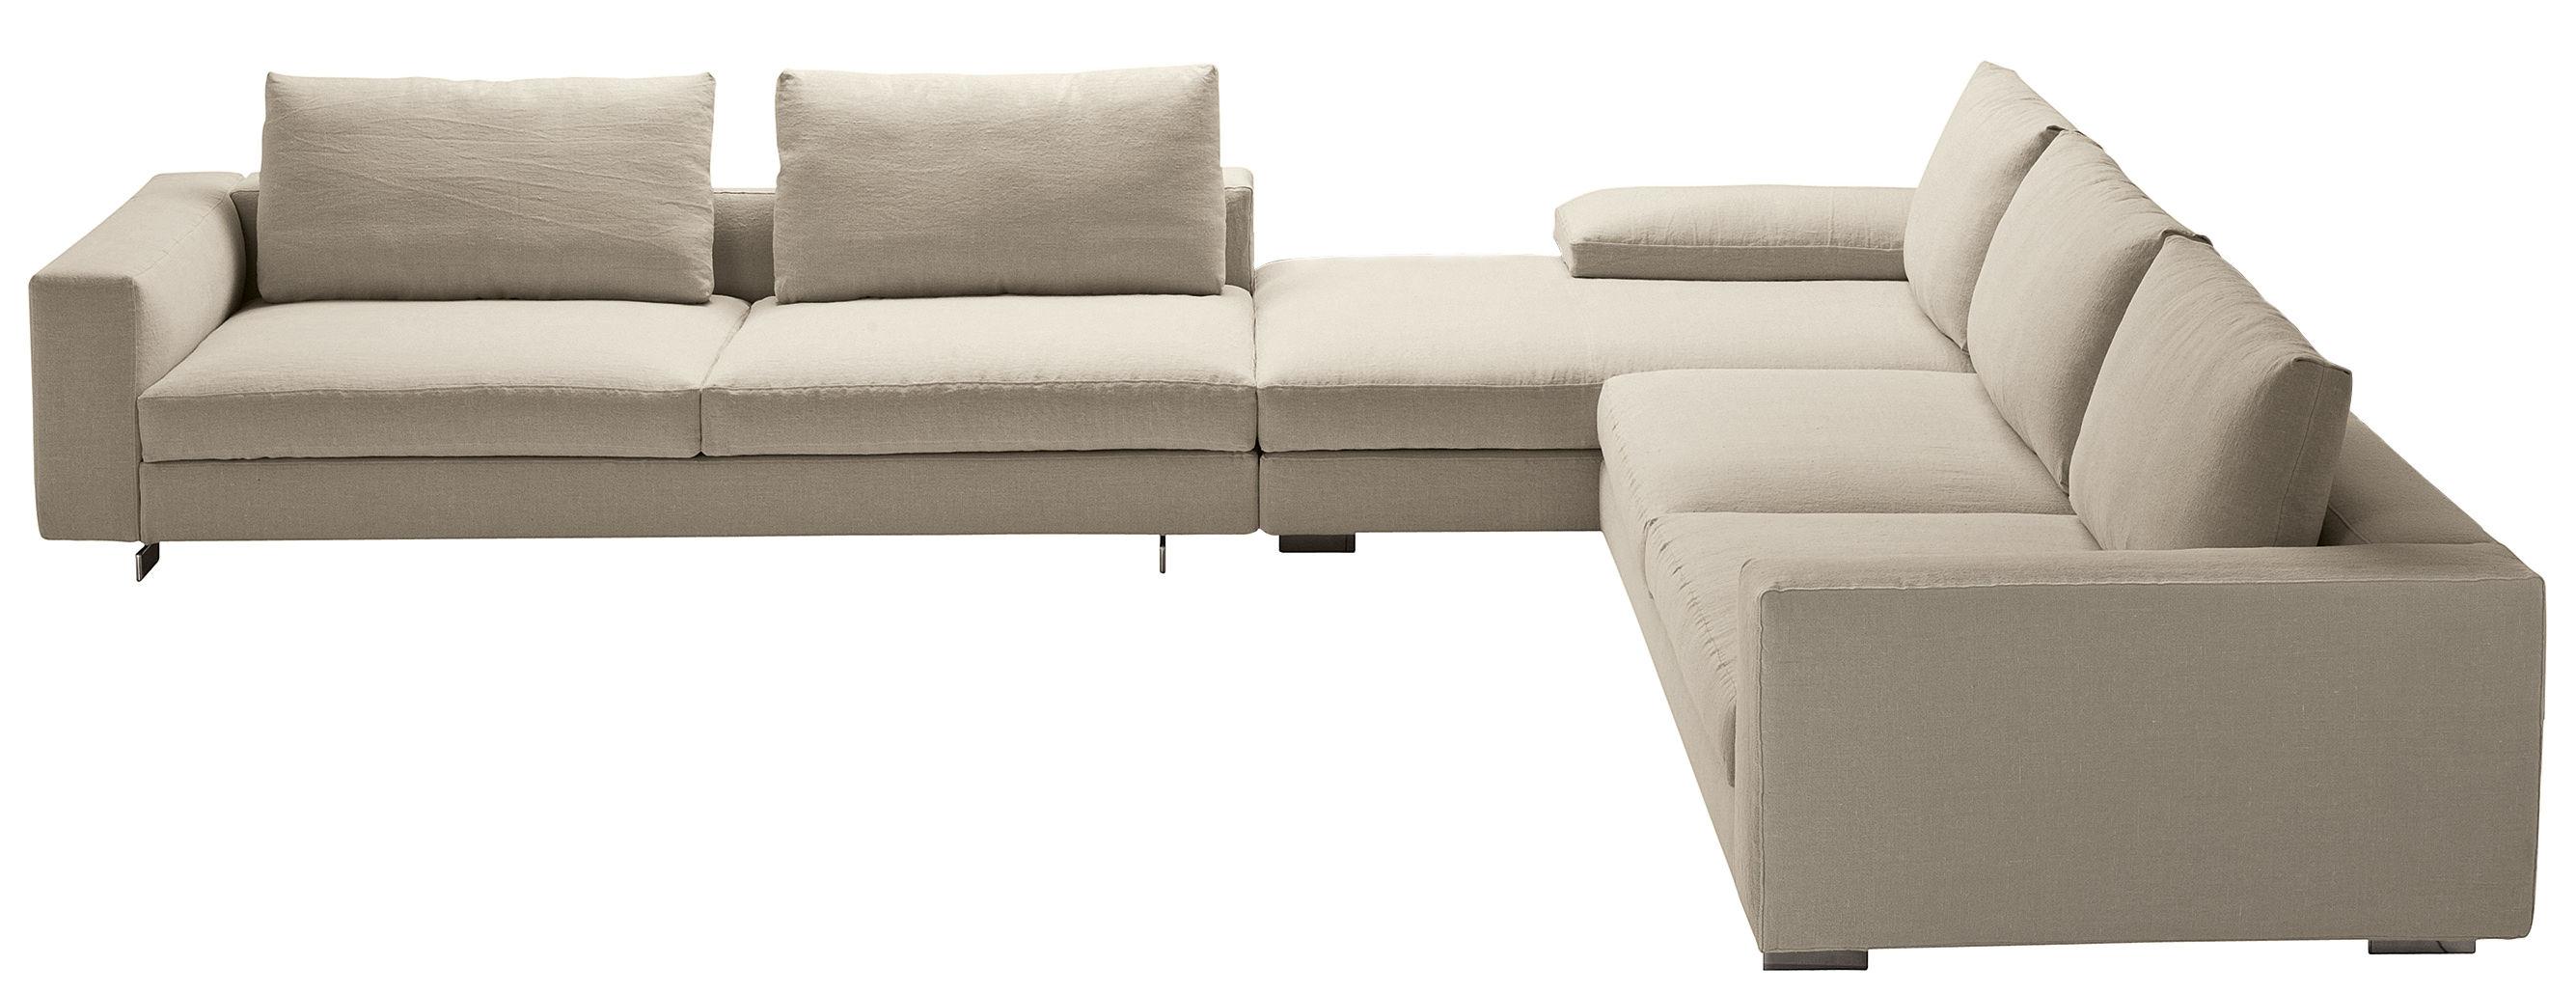 Arredamento - Divani moderni - Divano d'angolo Scott - / Composizione: 2 x divani + meridiana di Zanotta - Bianco - Acciaio, Alluminio lucido, Plumes d'oie, Schiuma di poliuretano, Tessuto